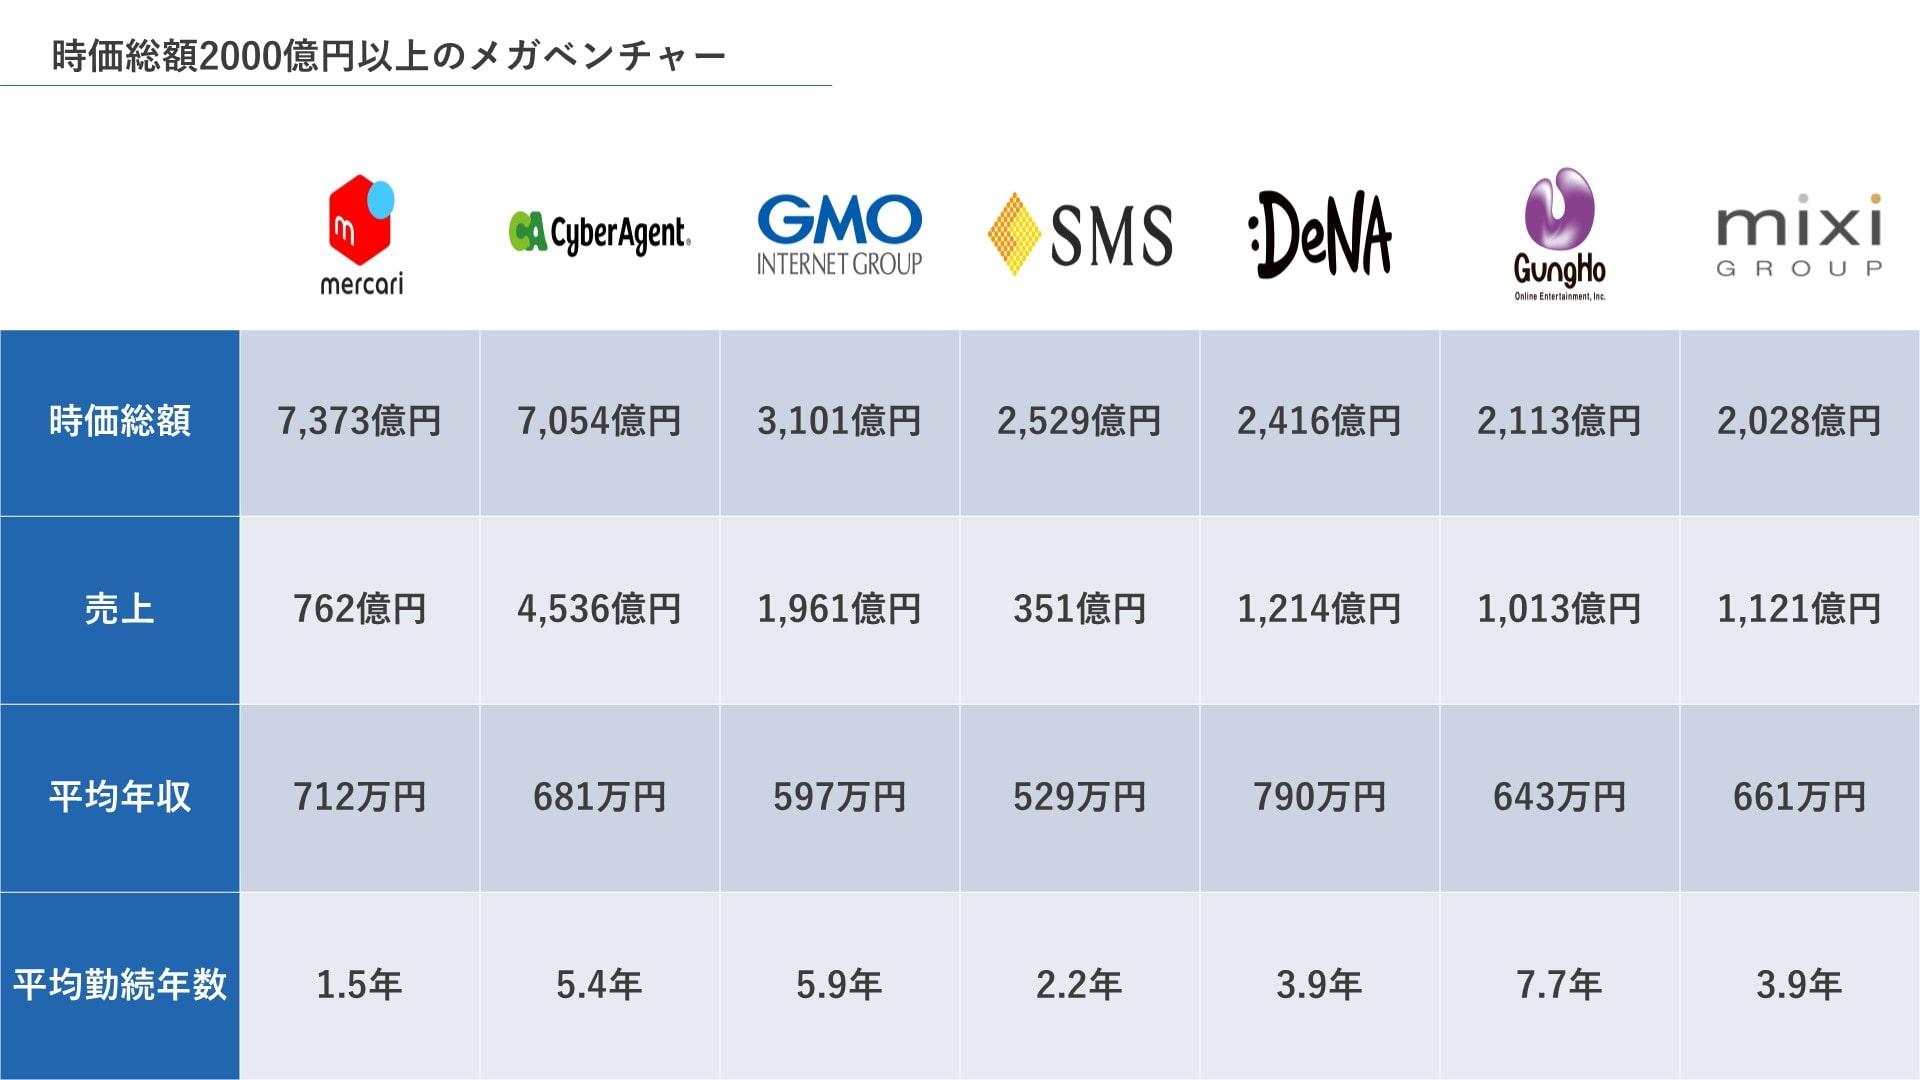 時価総額2000億円以上のメガベンチャー企業一覧